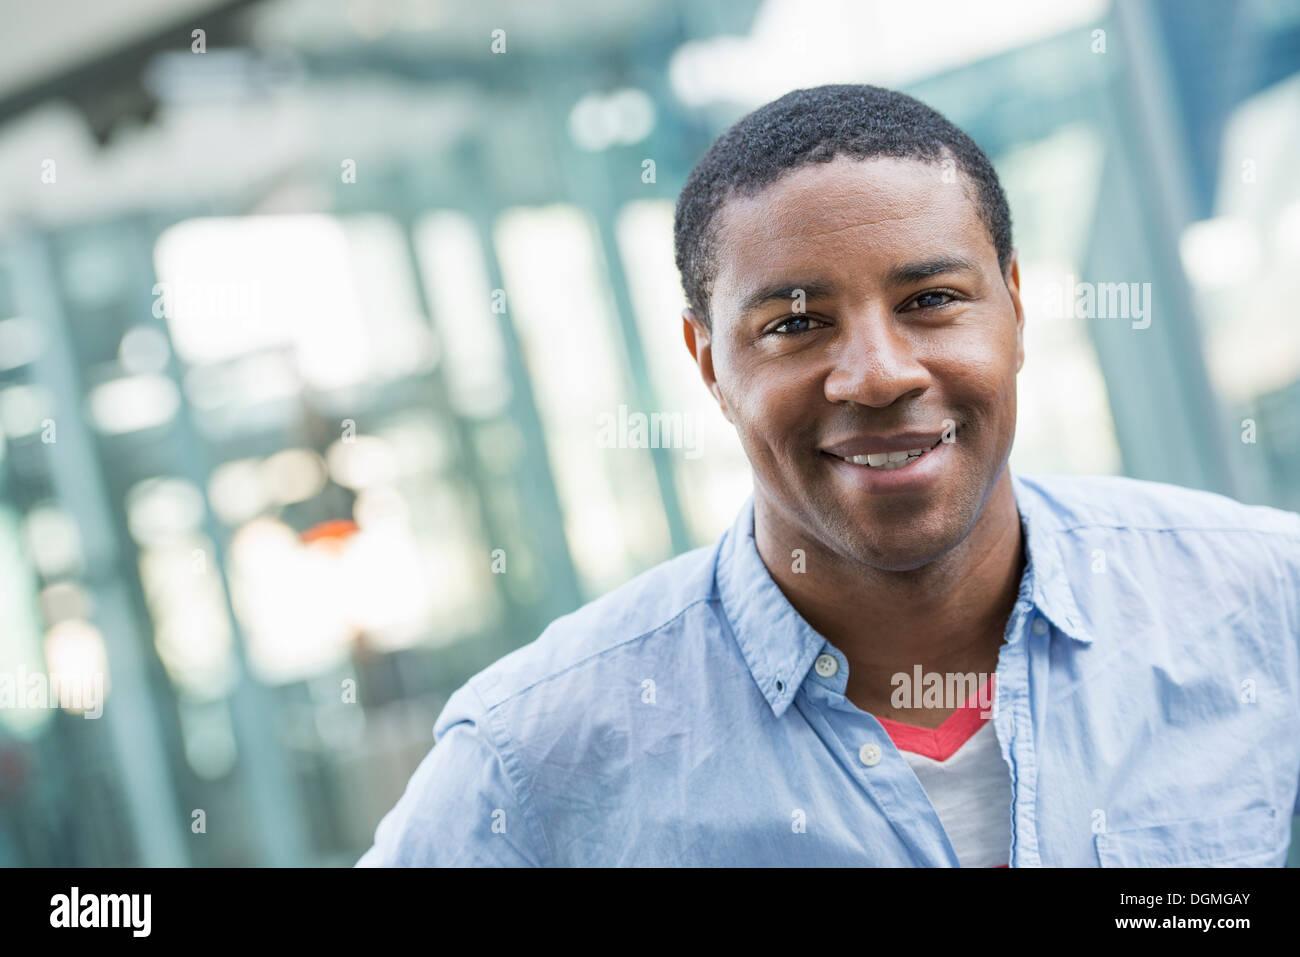 Sommer in der Stadt. Geschäftsleute in Freizeitkleidung. Ein hübscher Mann in ein blaues Hemd. Stockbild